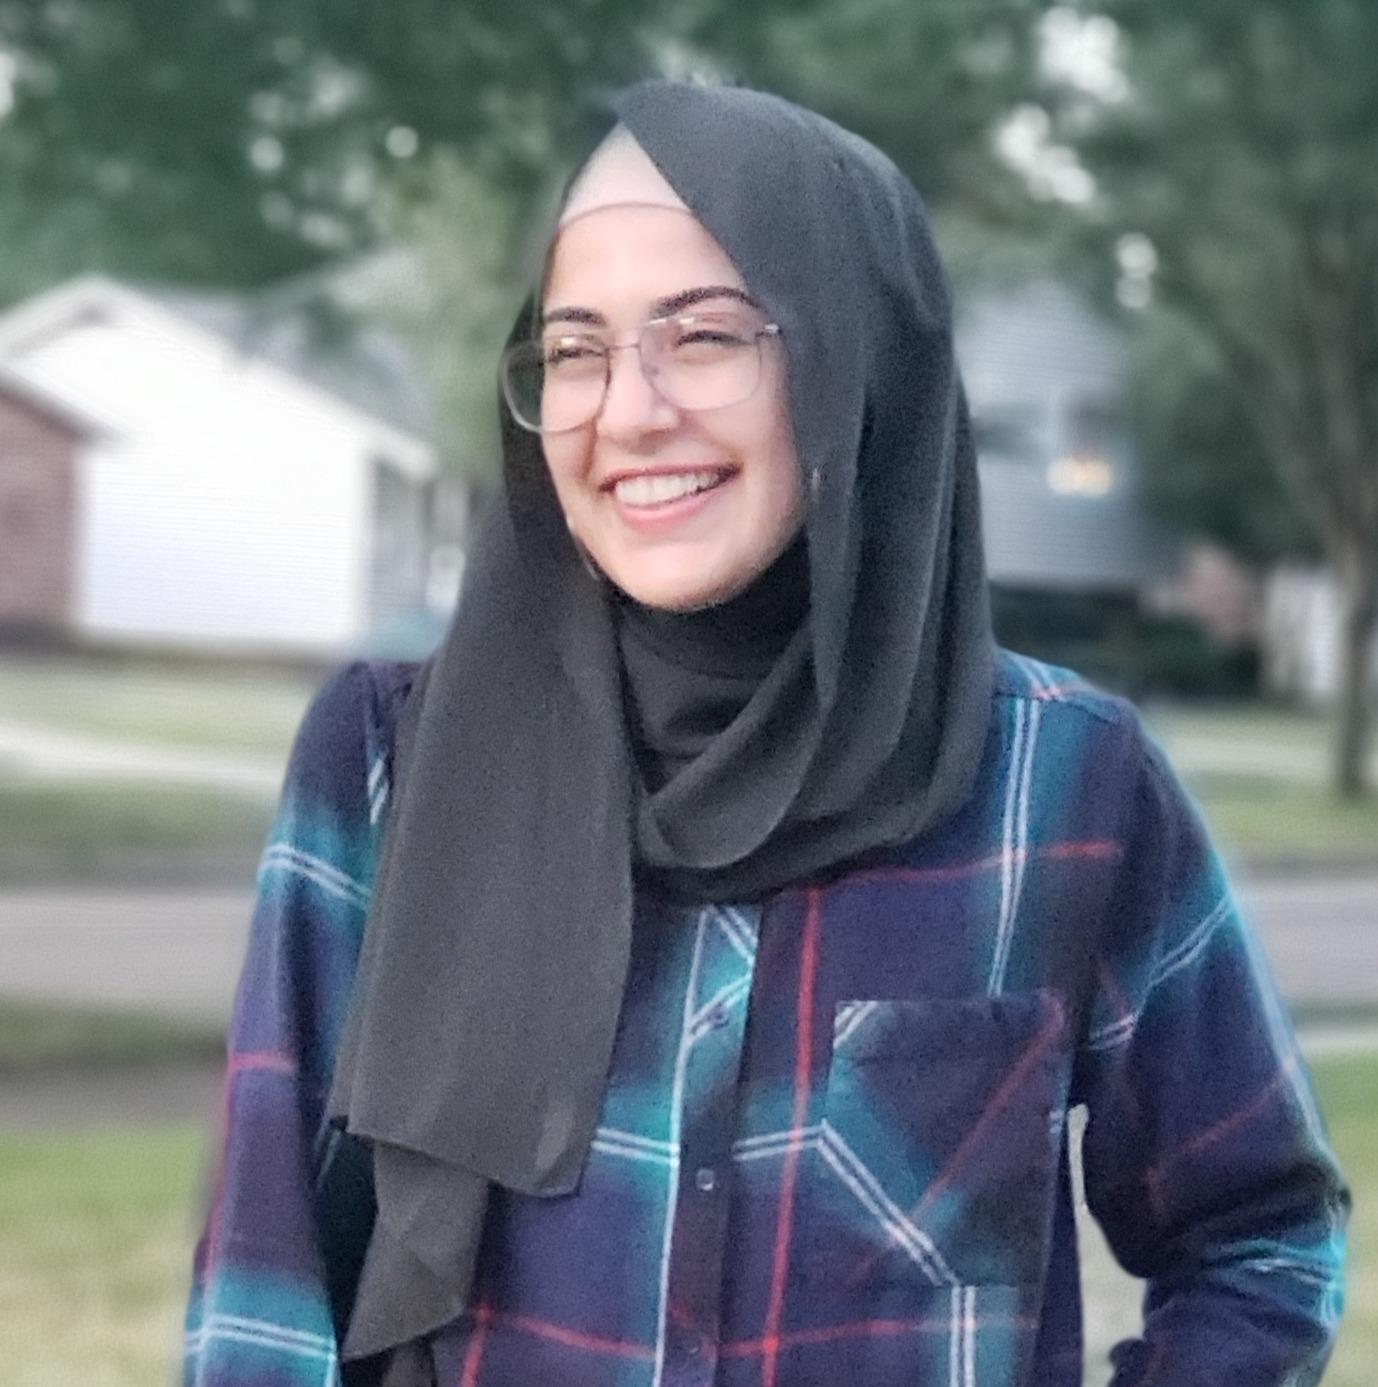 Zahraa Alribeawi